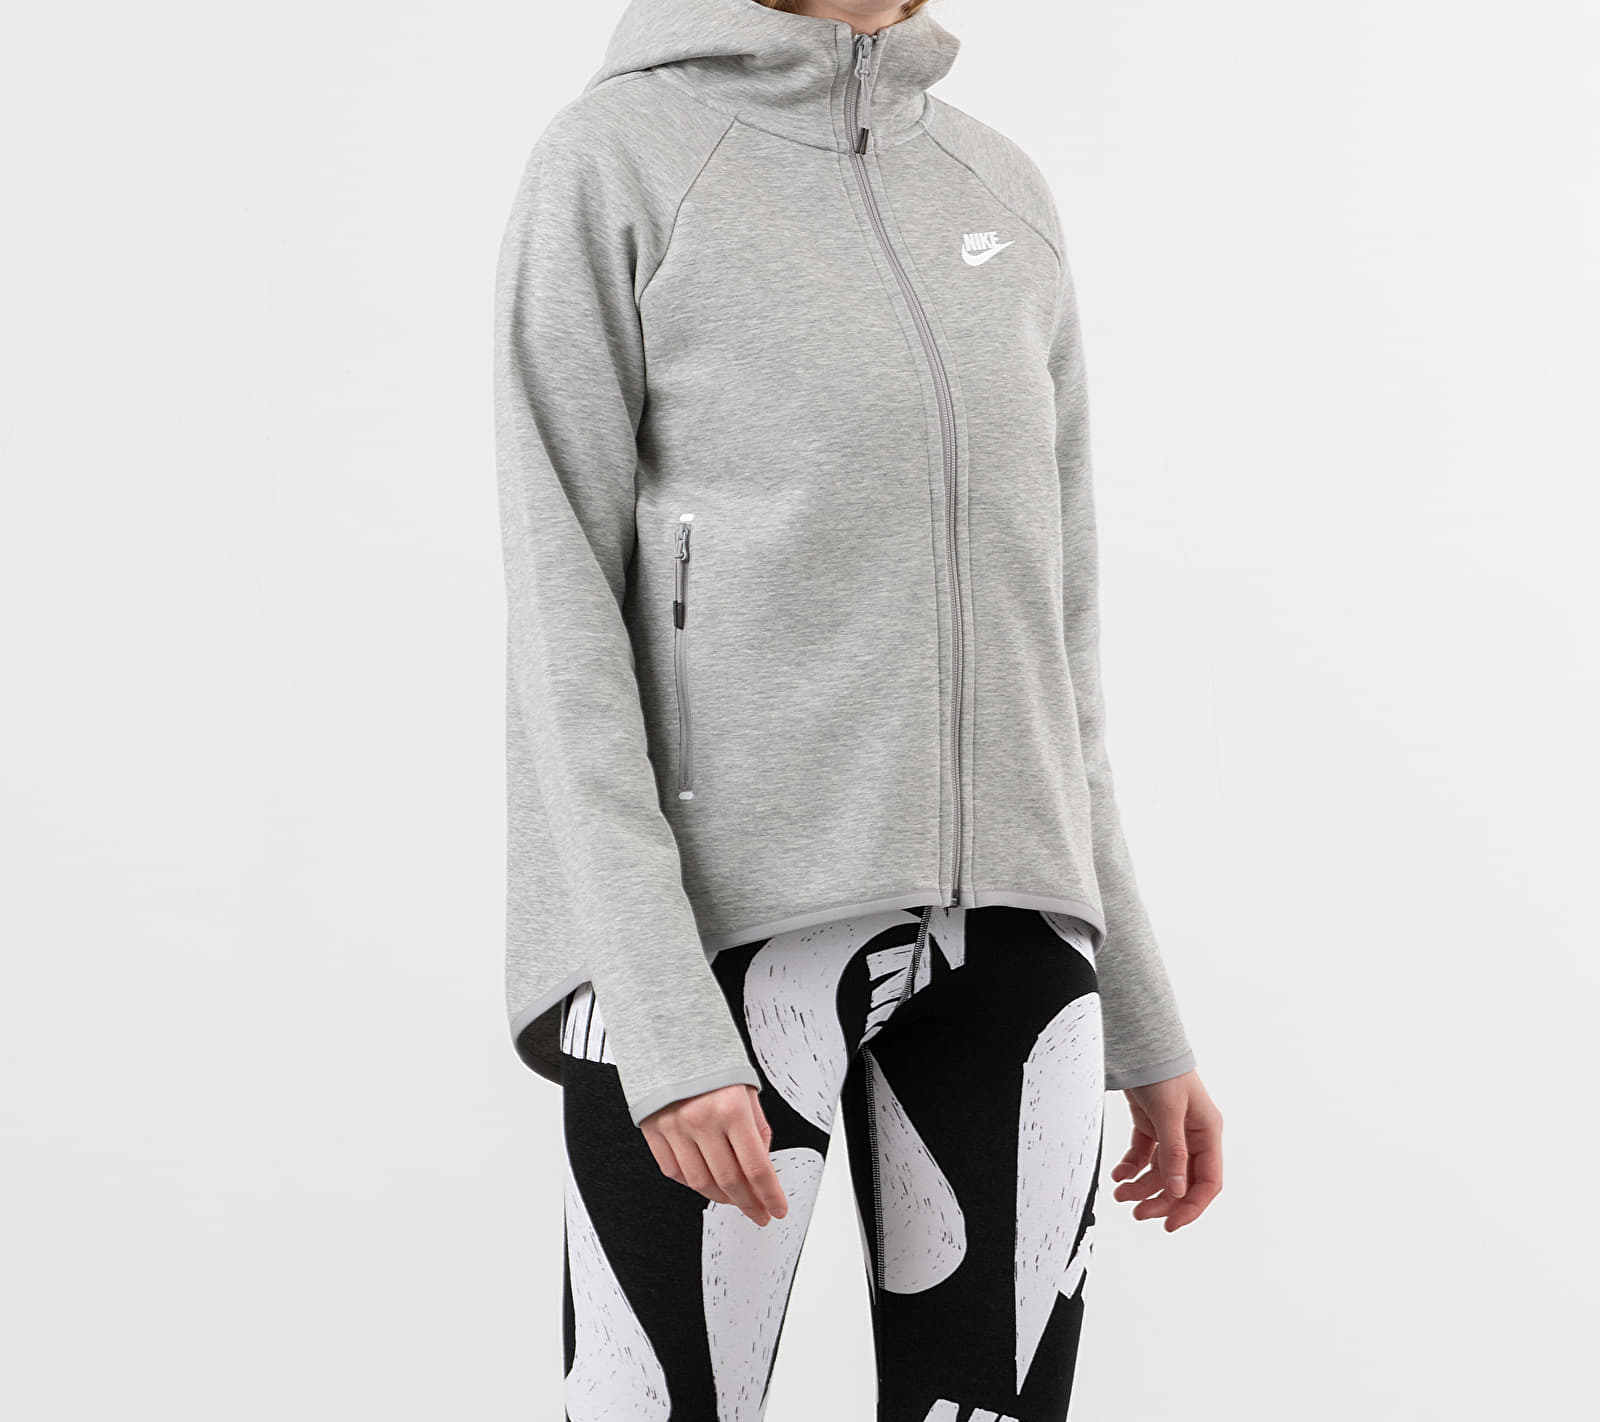 Nike Sportswear Tech Fleece Cape Dark Grey Heather/ Matte Silver/ White, Gray